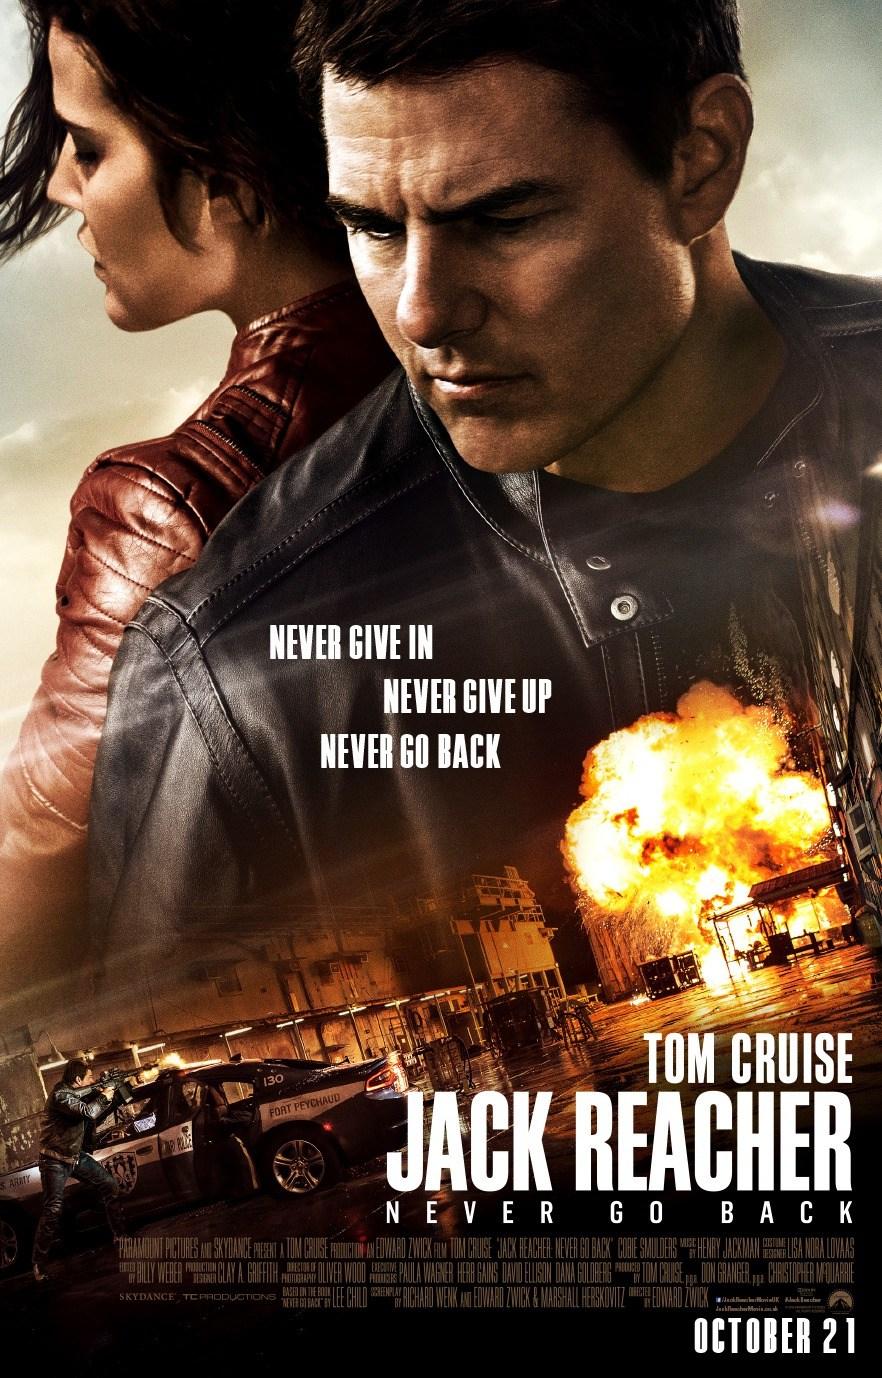 Jack-Reacher-2-Never-Go-Back-Movie-Poster.jpg